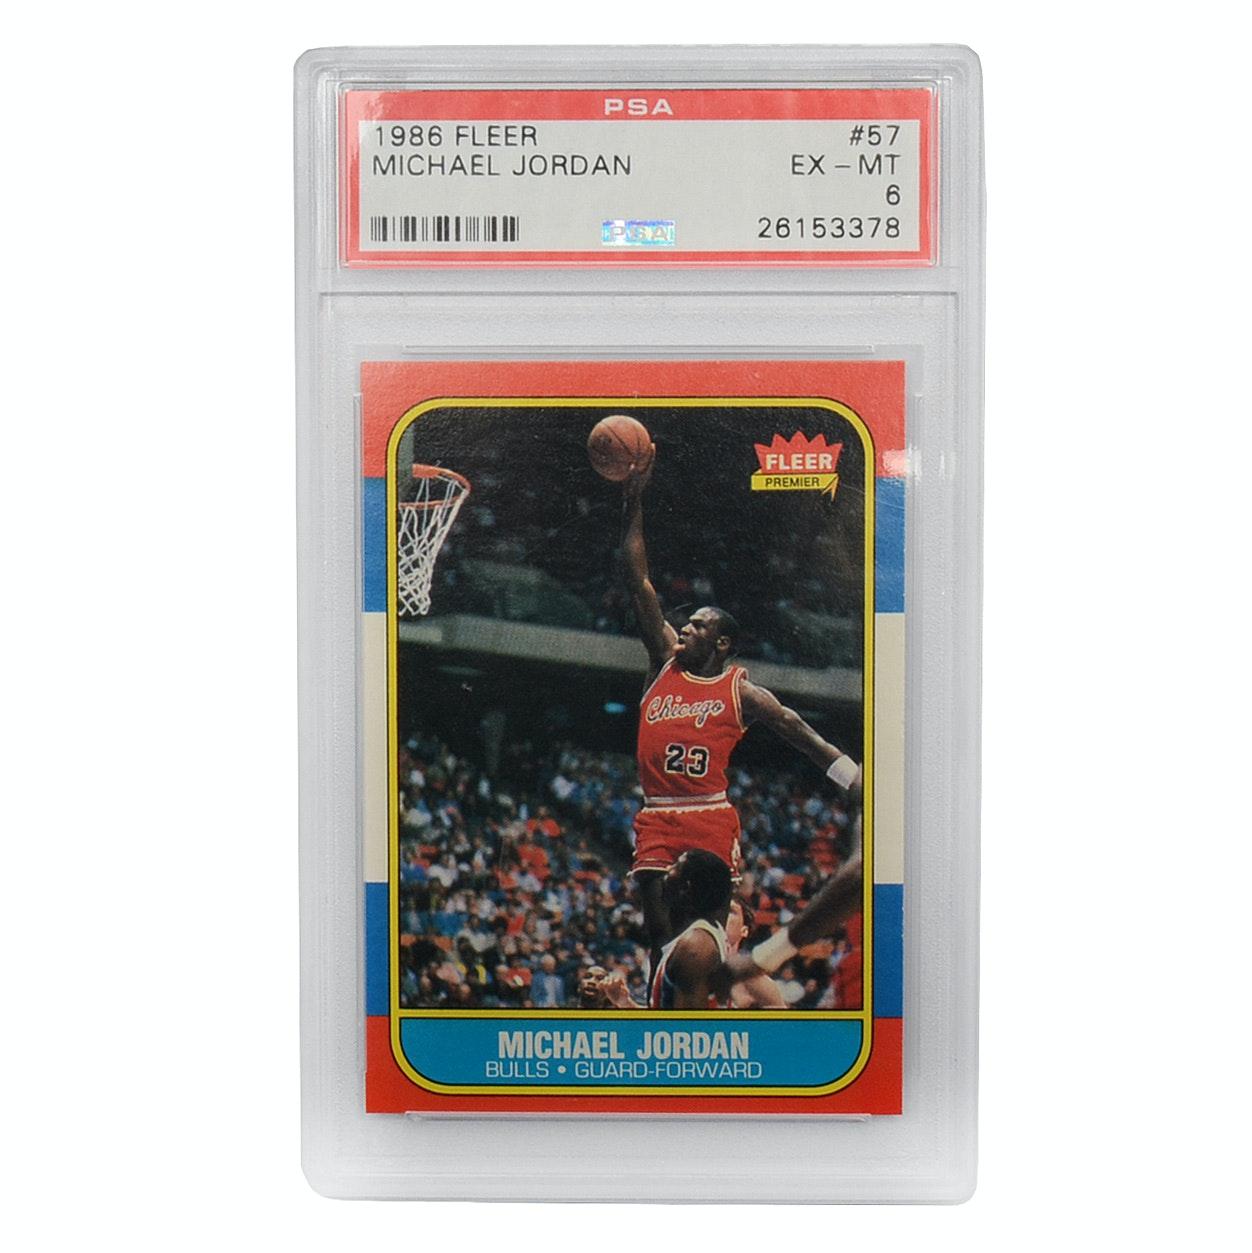 1986 Fleer Michael Jordan Graded Rookie Card